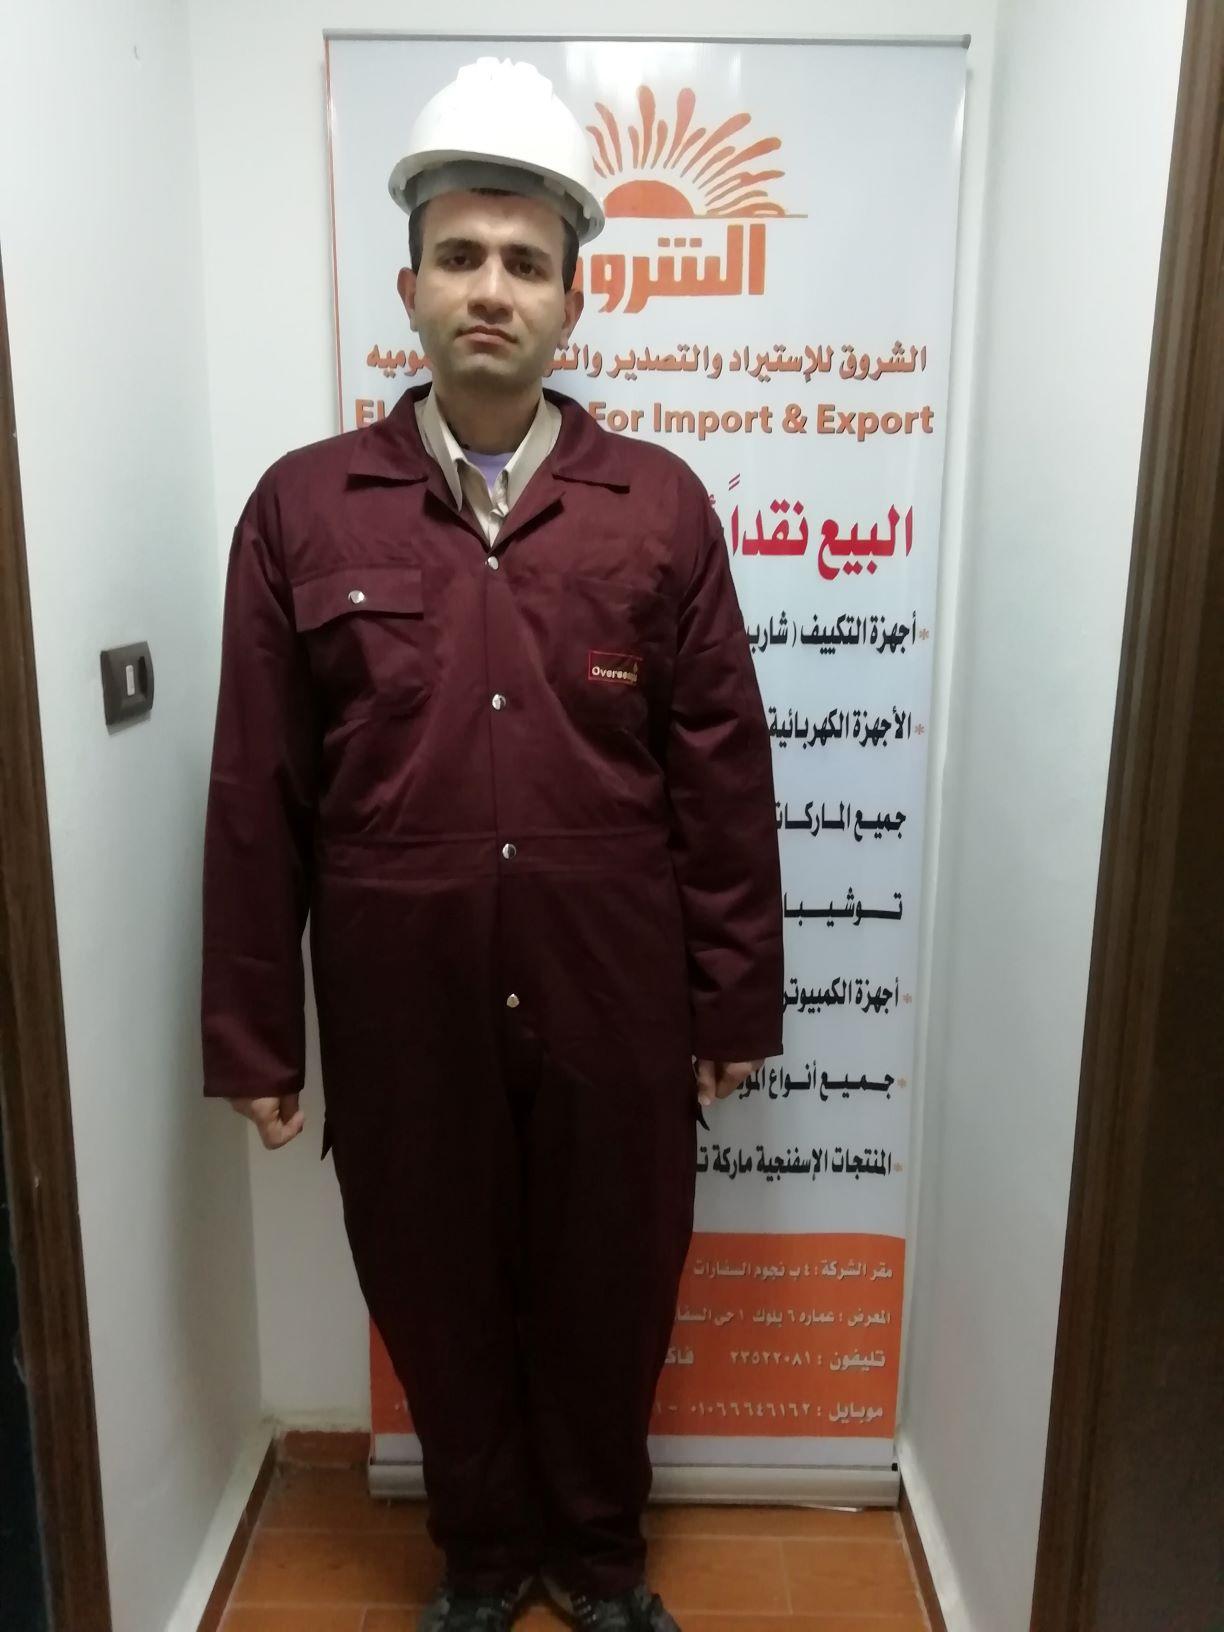 Secuirity Uniforms